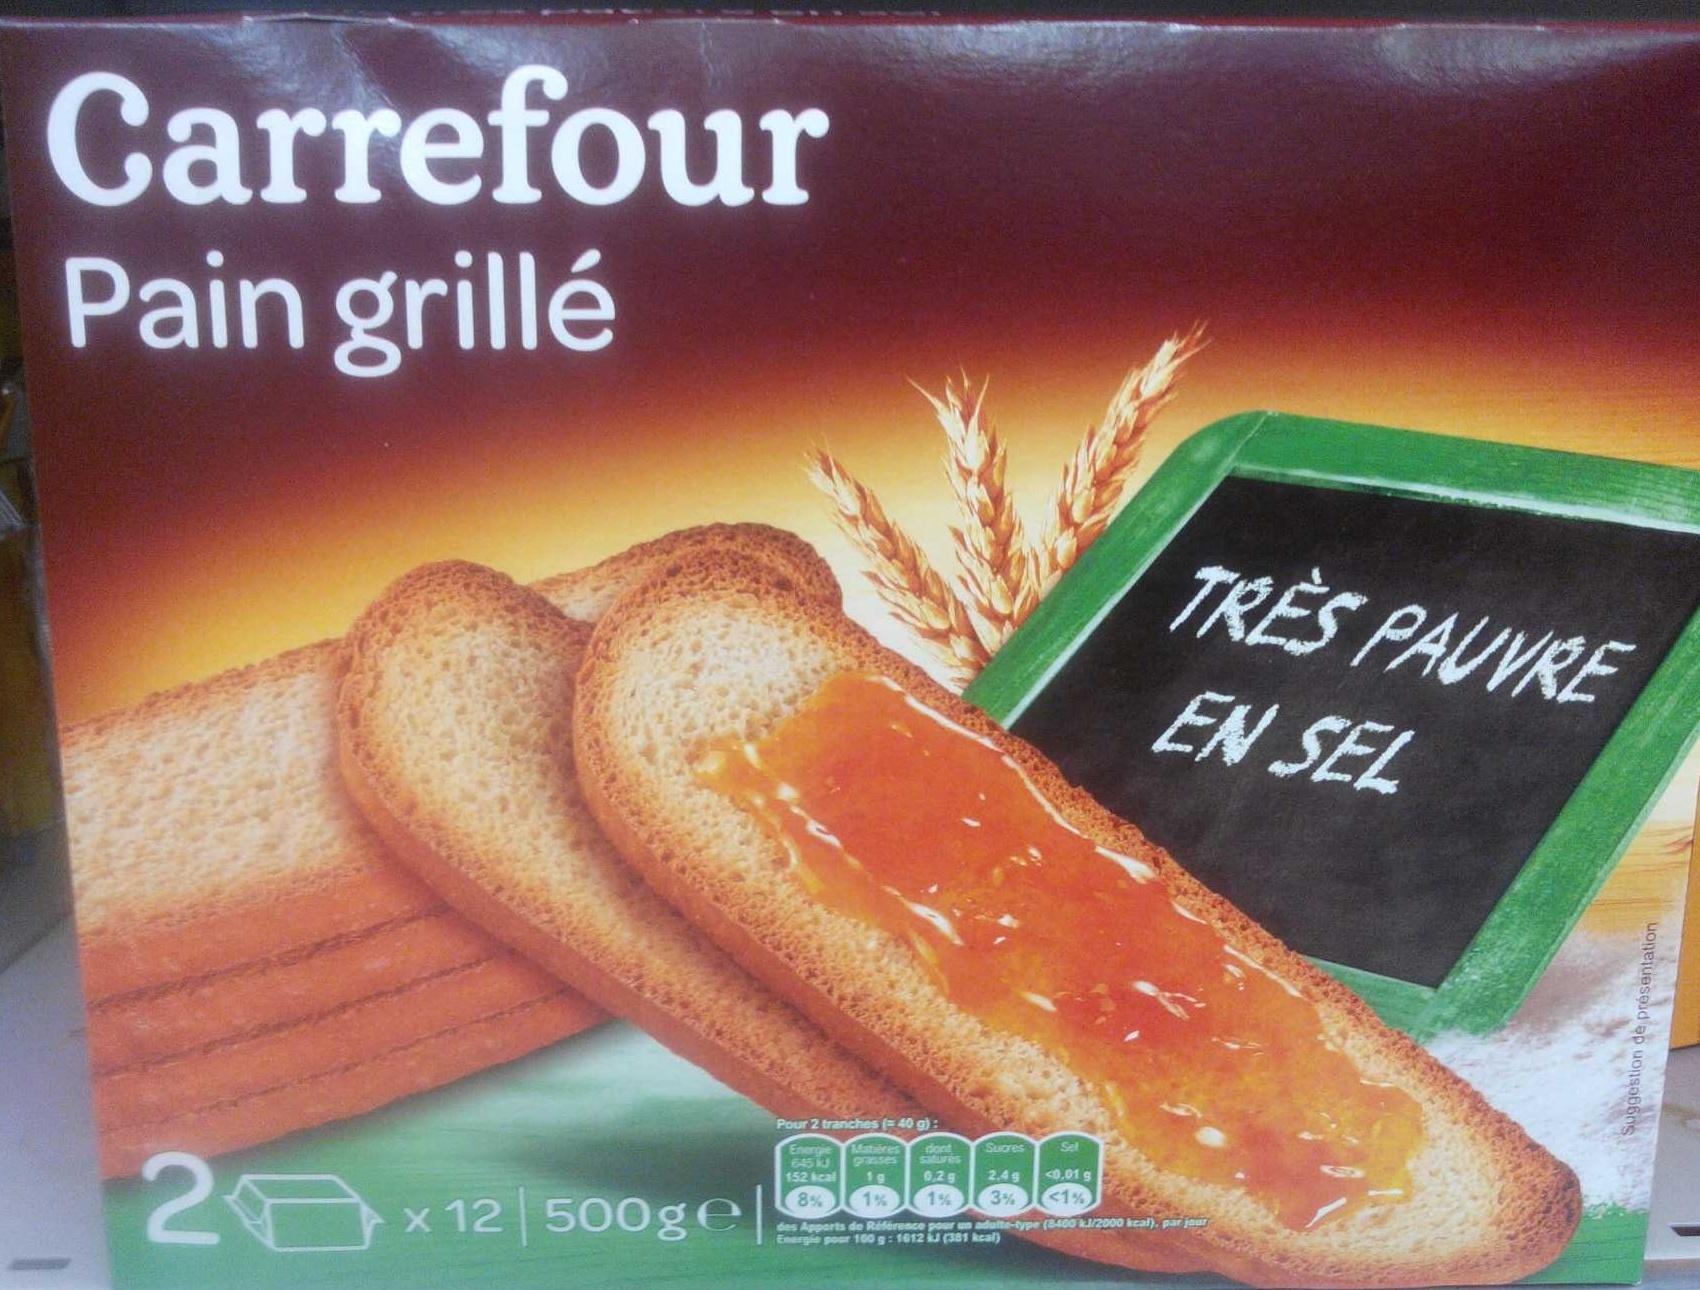 Pain grillé très pauvre en sel - Produit